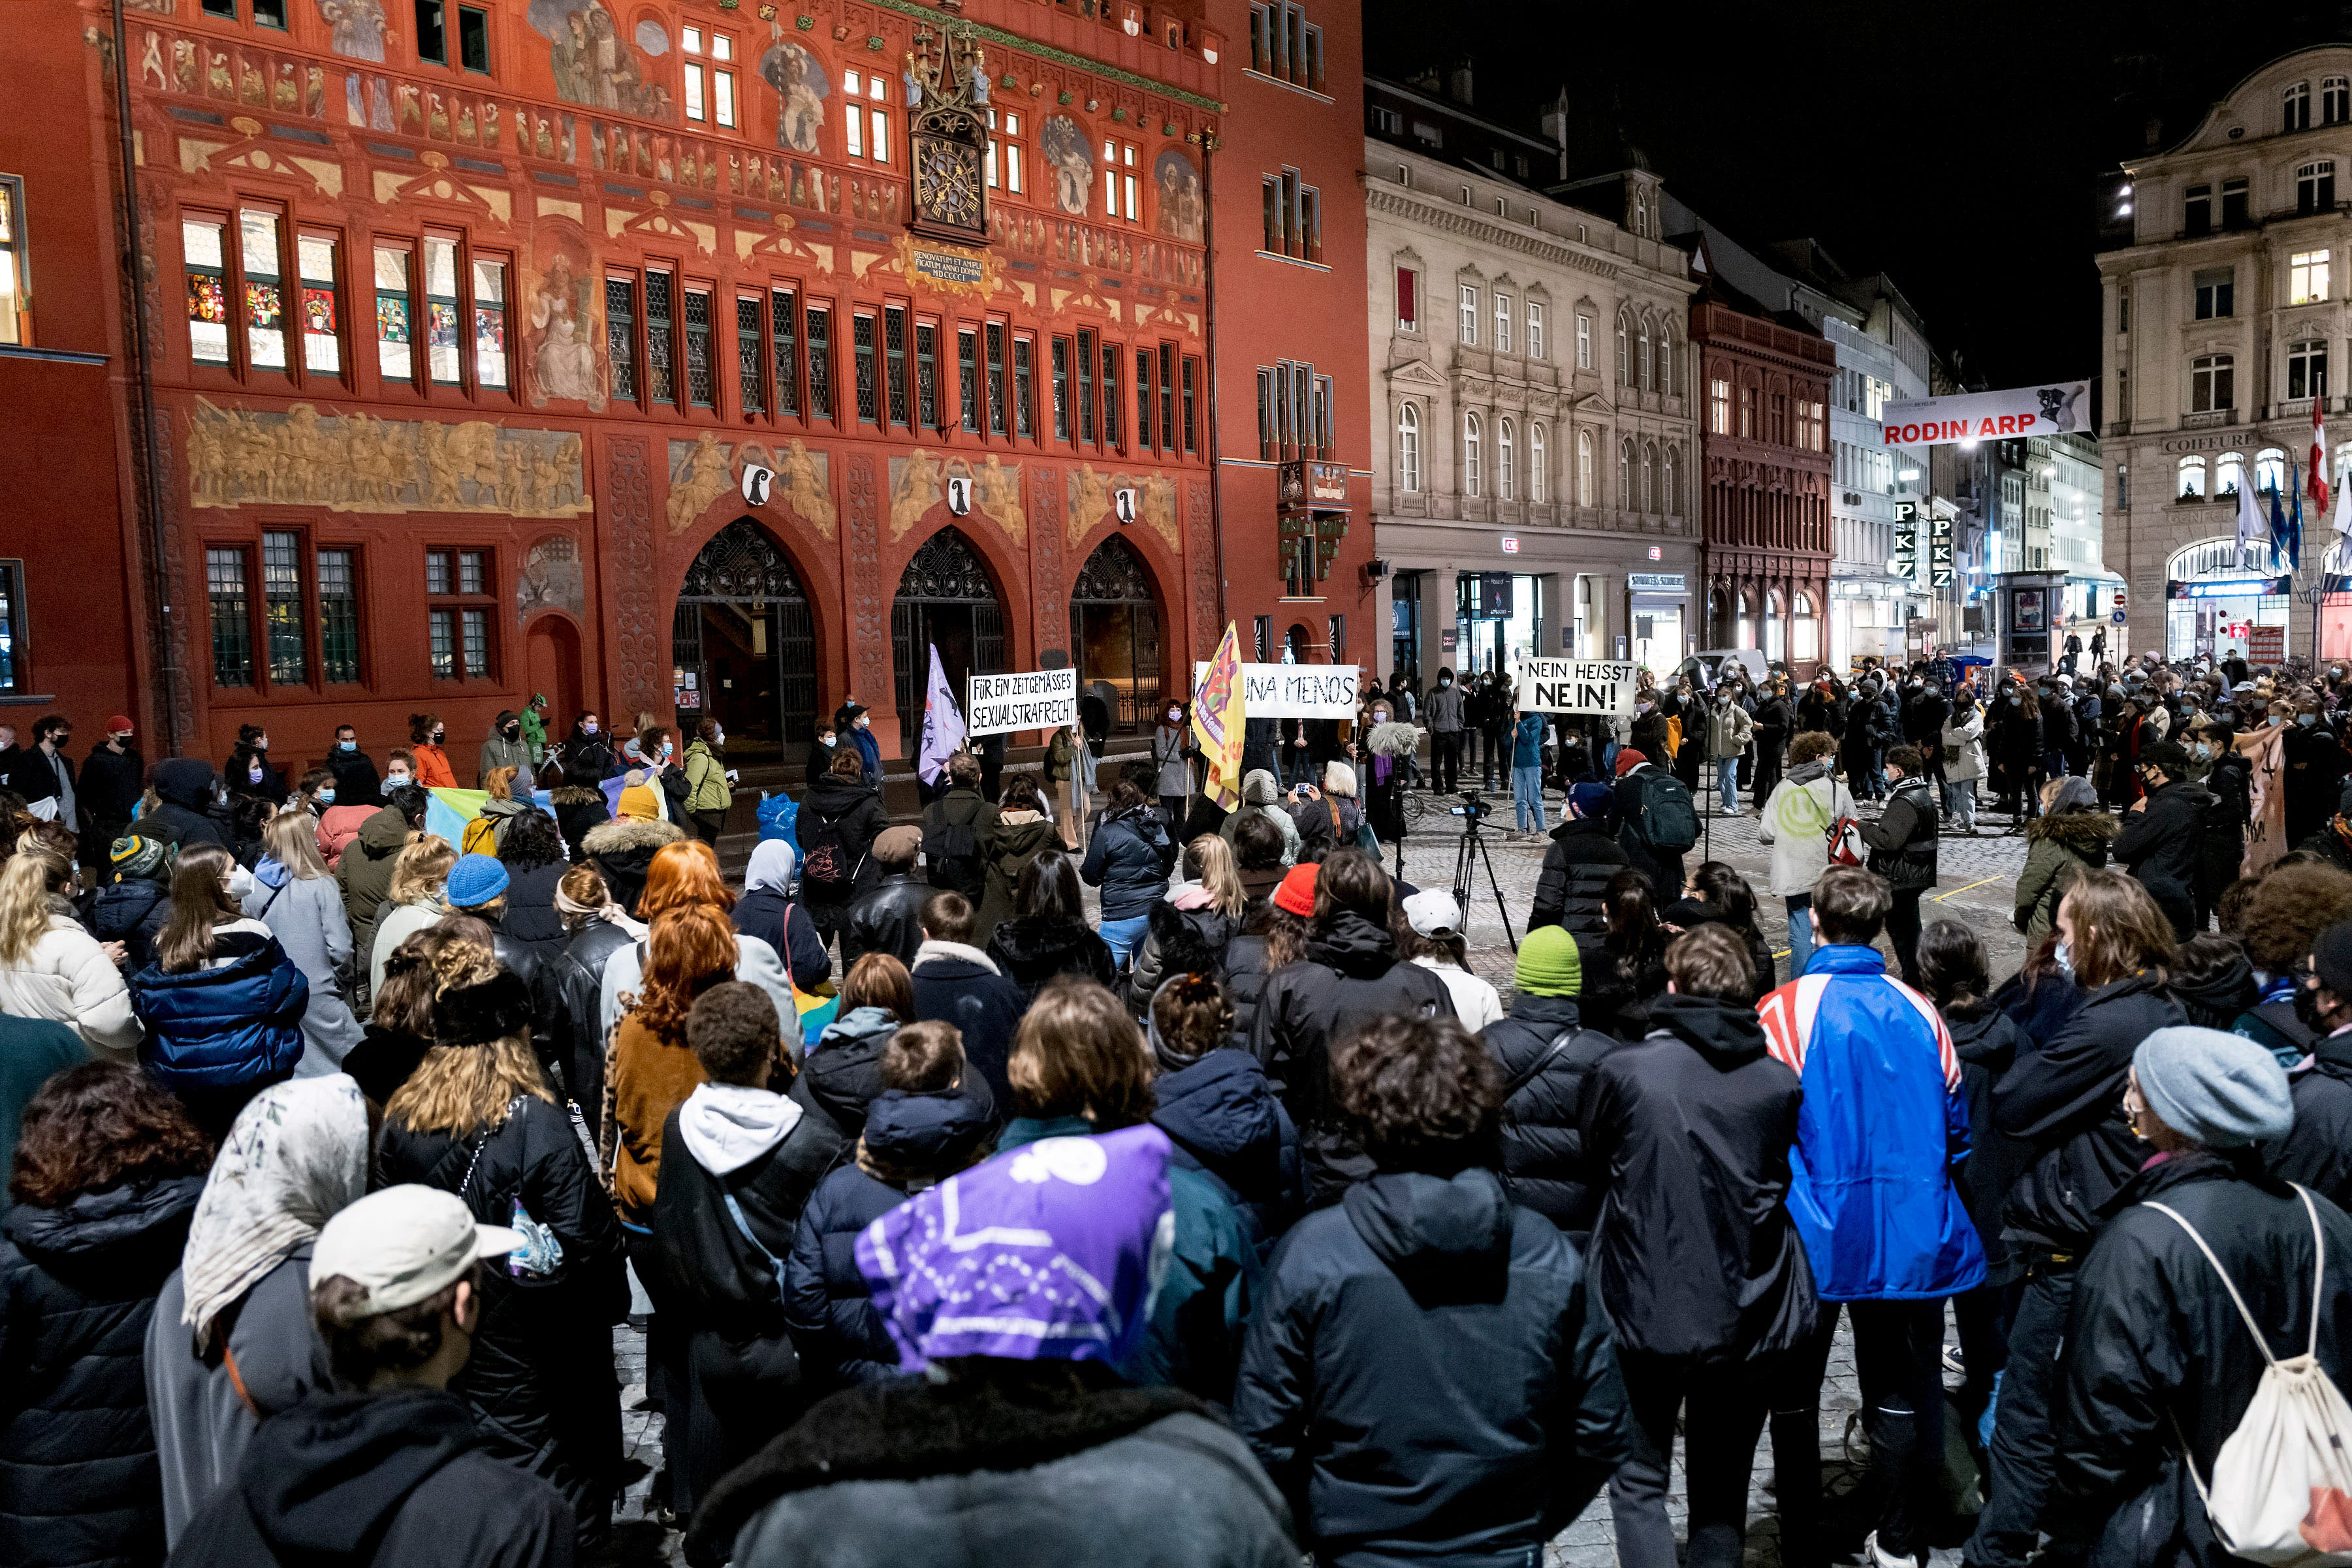 Rund 200 Personen - überwiegend Frauen - haben sich versammelt.